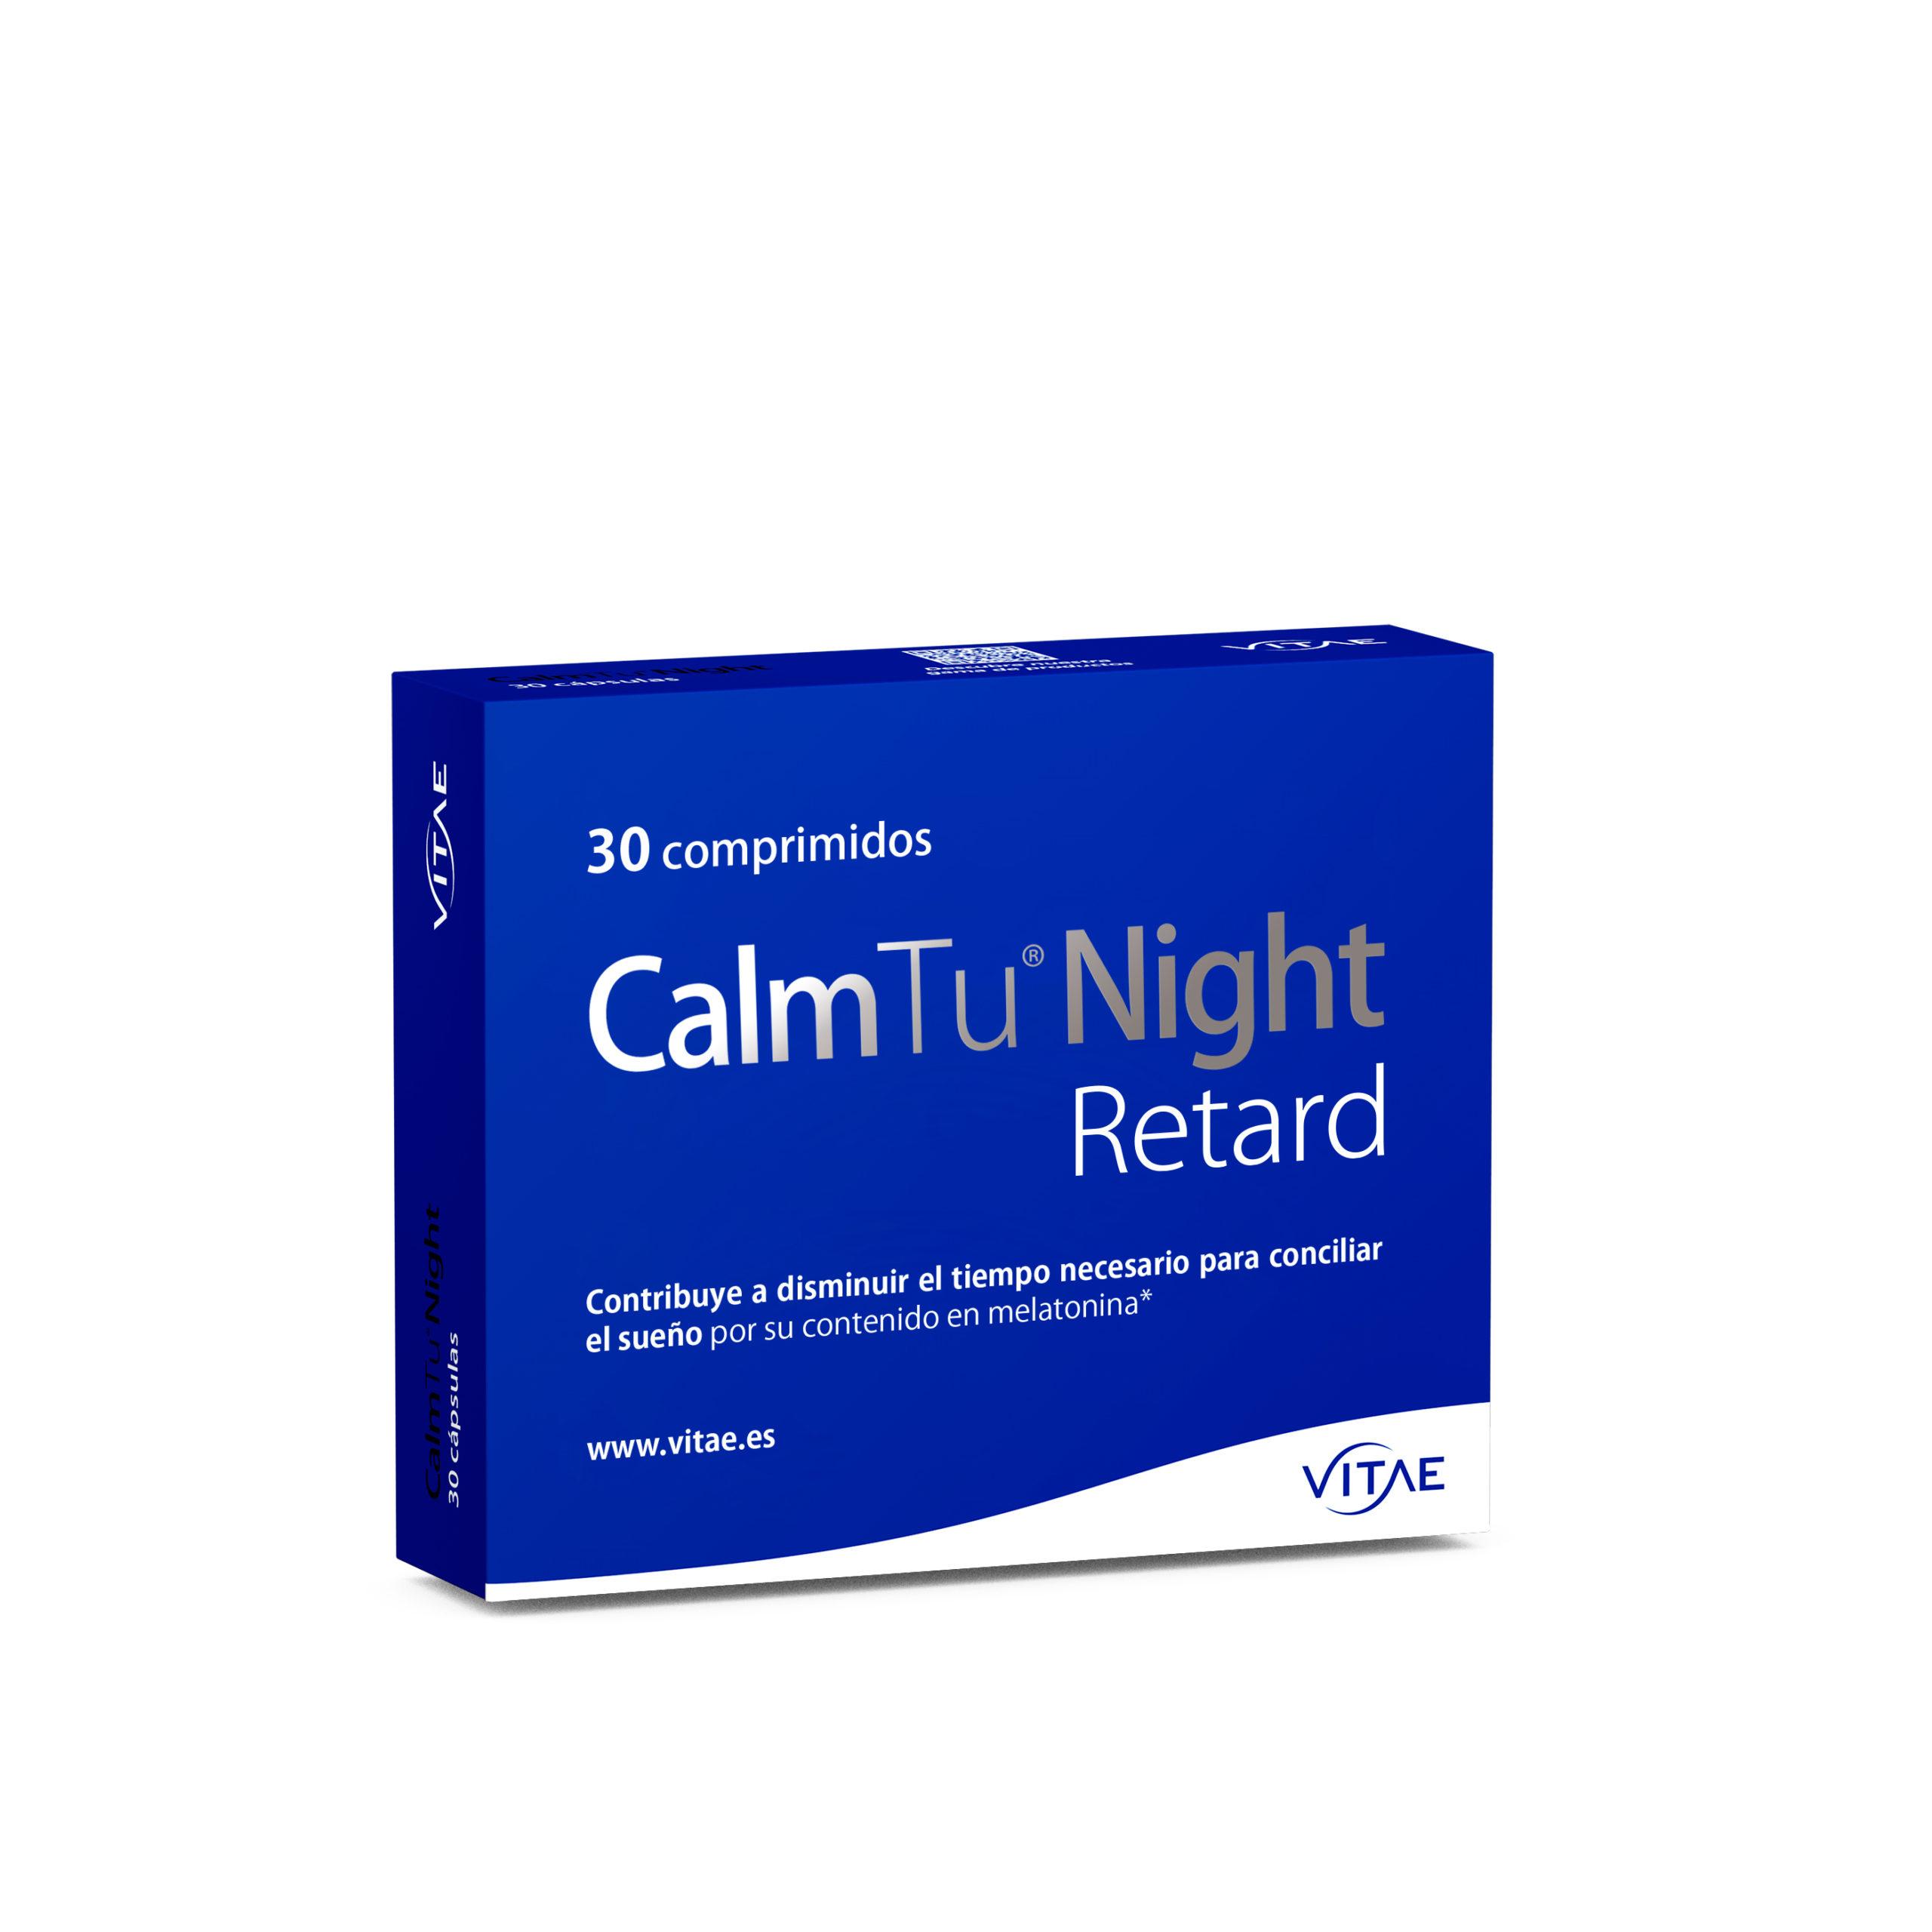 Insomnio y melatonina